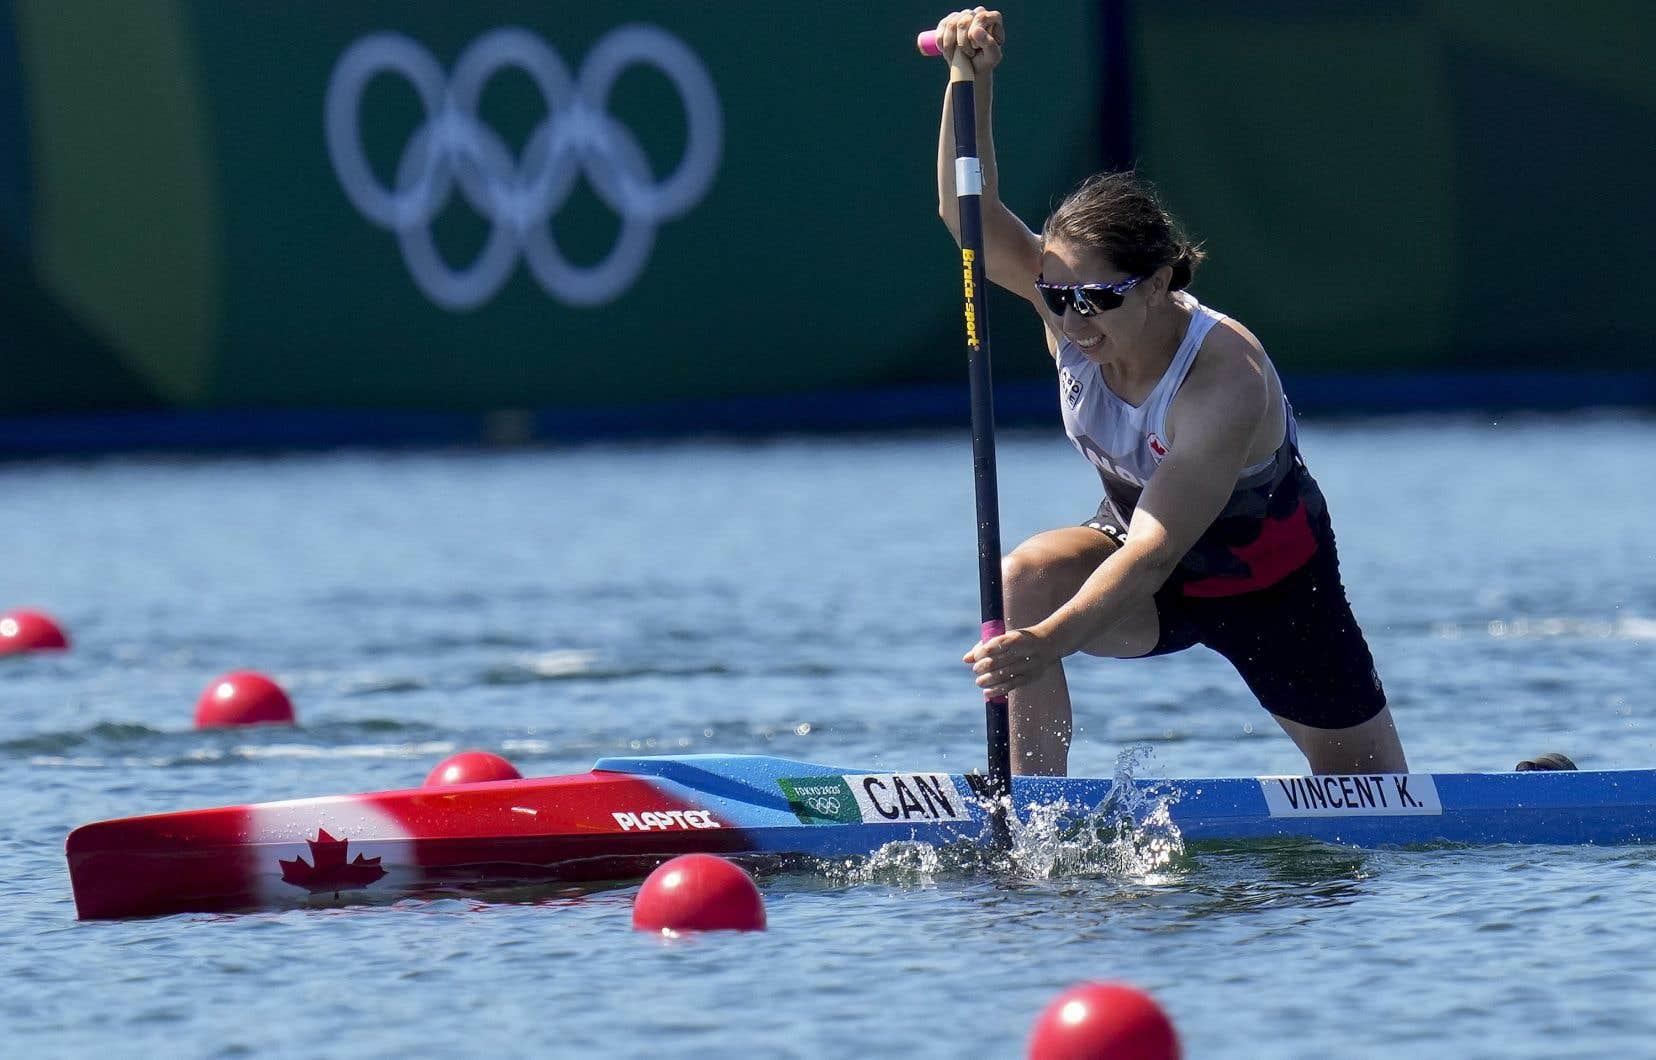 Vincent n'avait jamais remporté de médaille sur cette distance à cet événement. On la voit ici lors des Jeux olympiques de Tokyo.